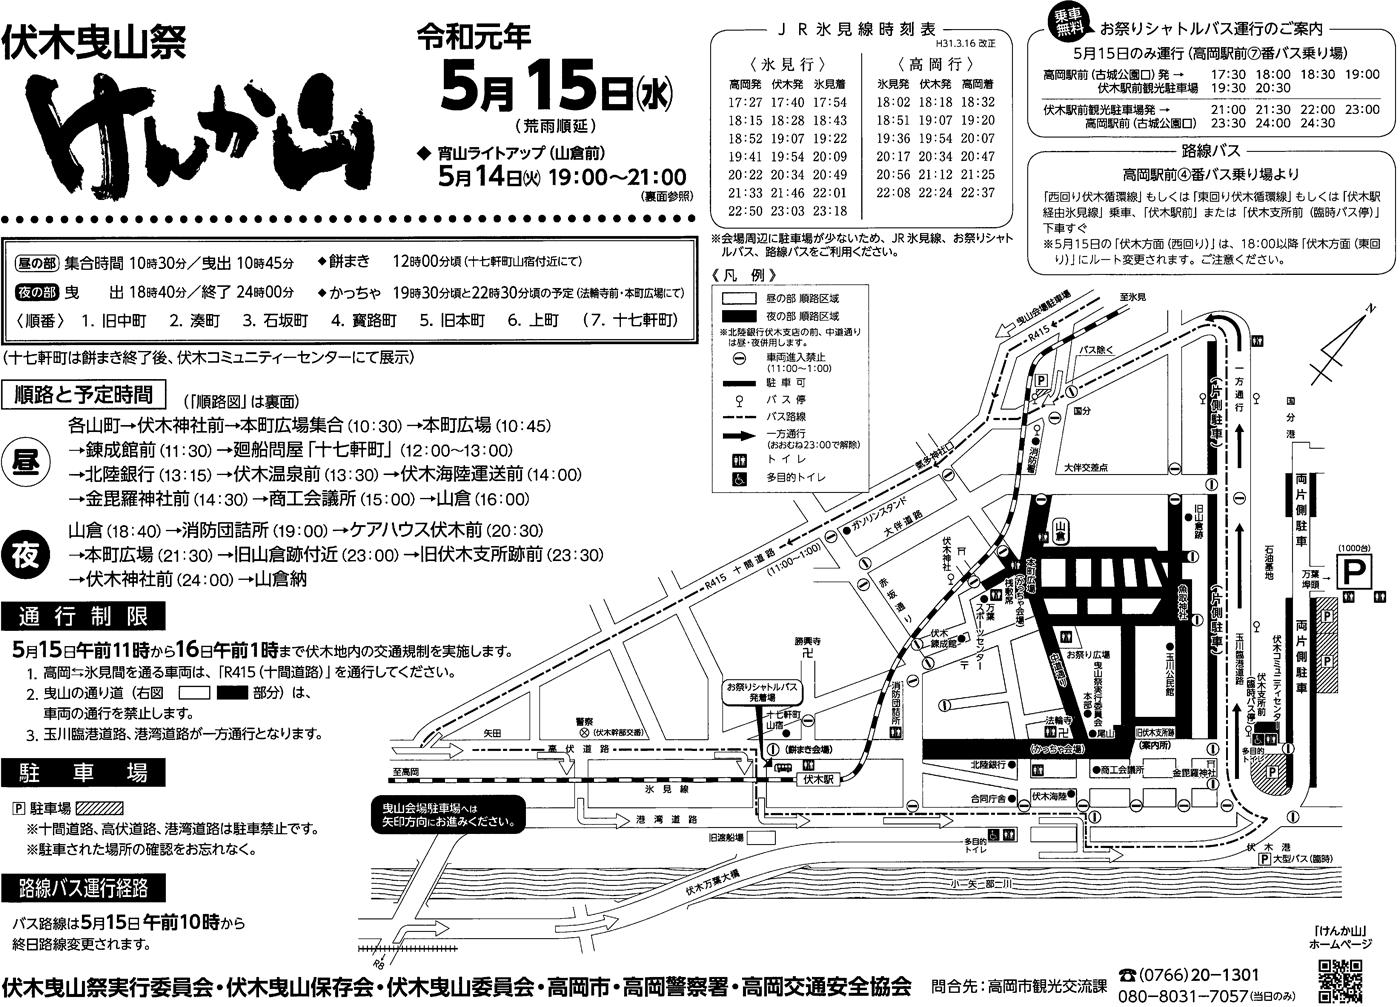 伏木神社例大祭・伏木けんか山2019の本祭の交通規制地図